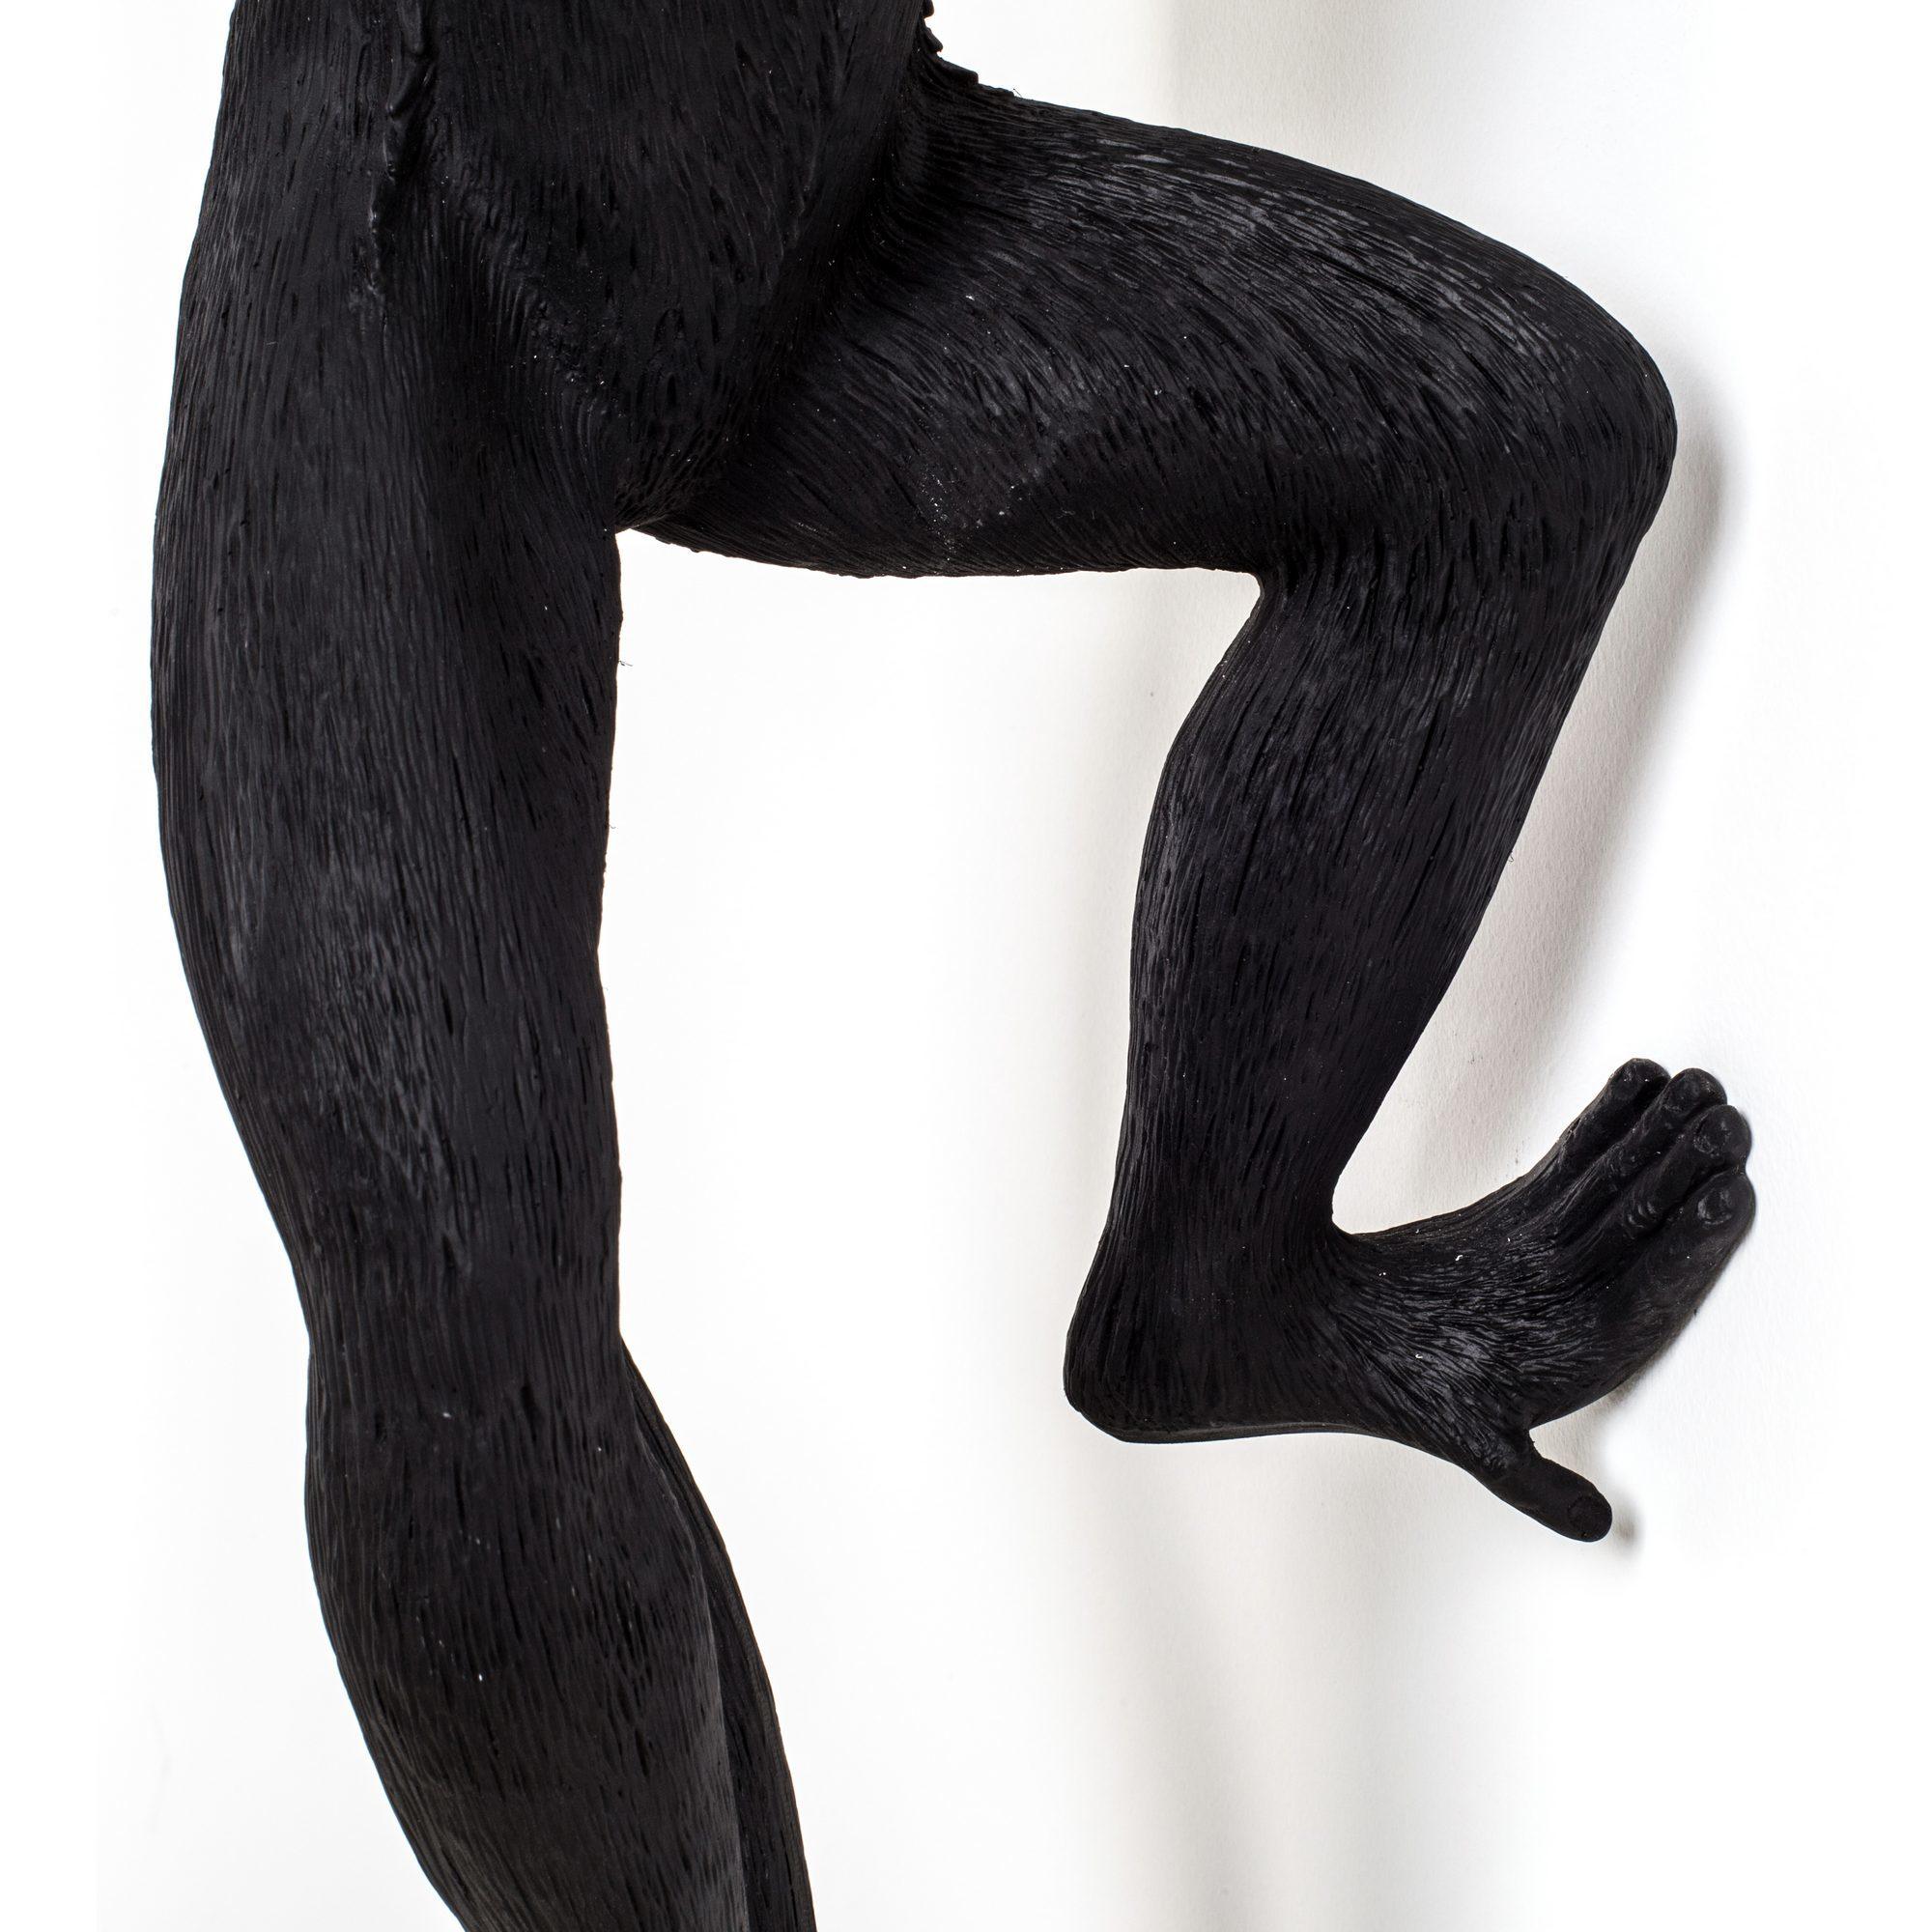 Monkey Lamp Black Wandleuchte Seletti